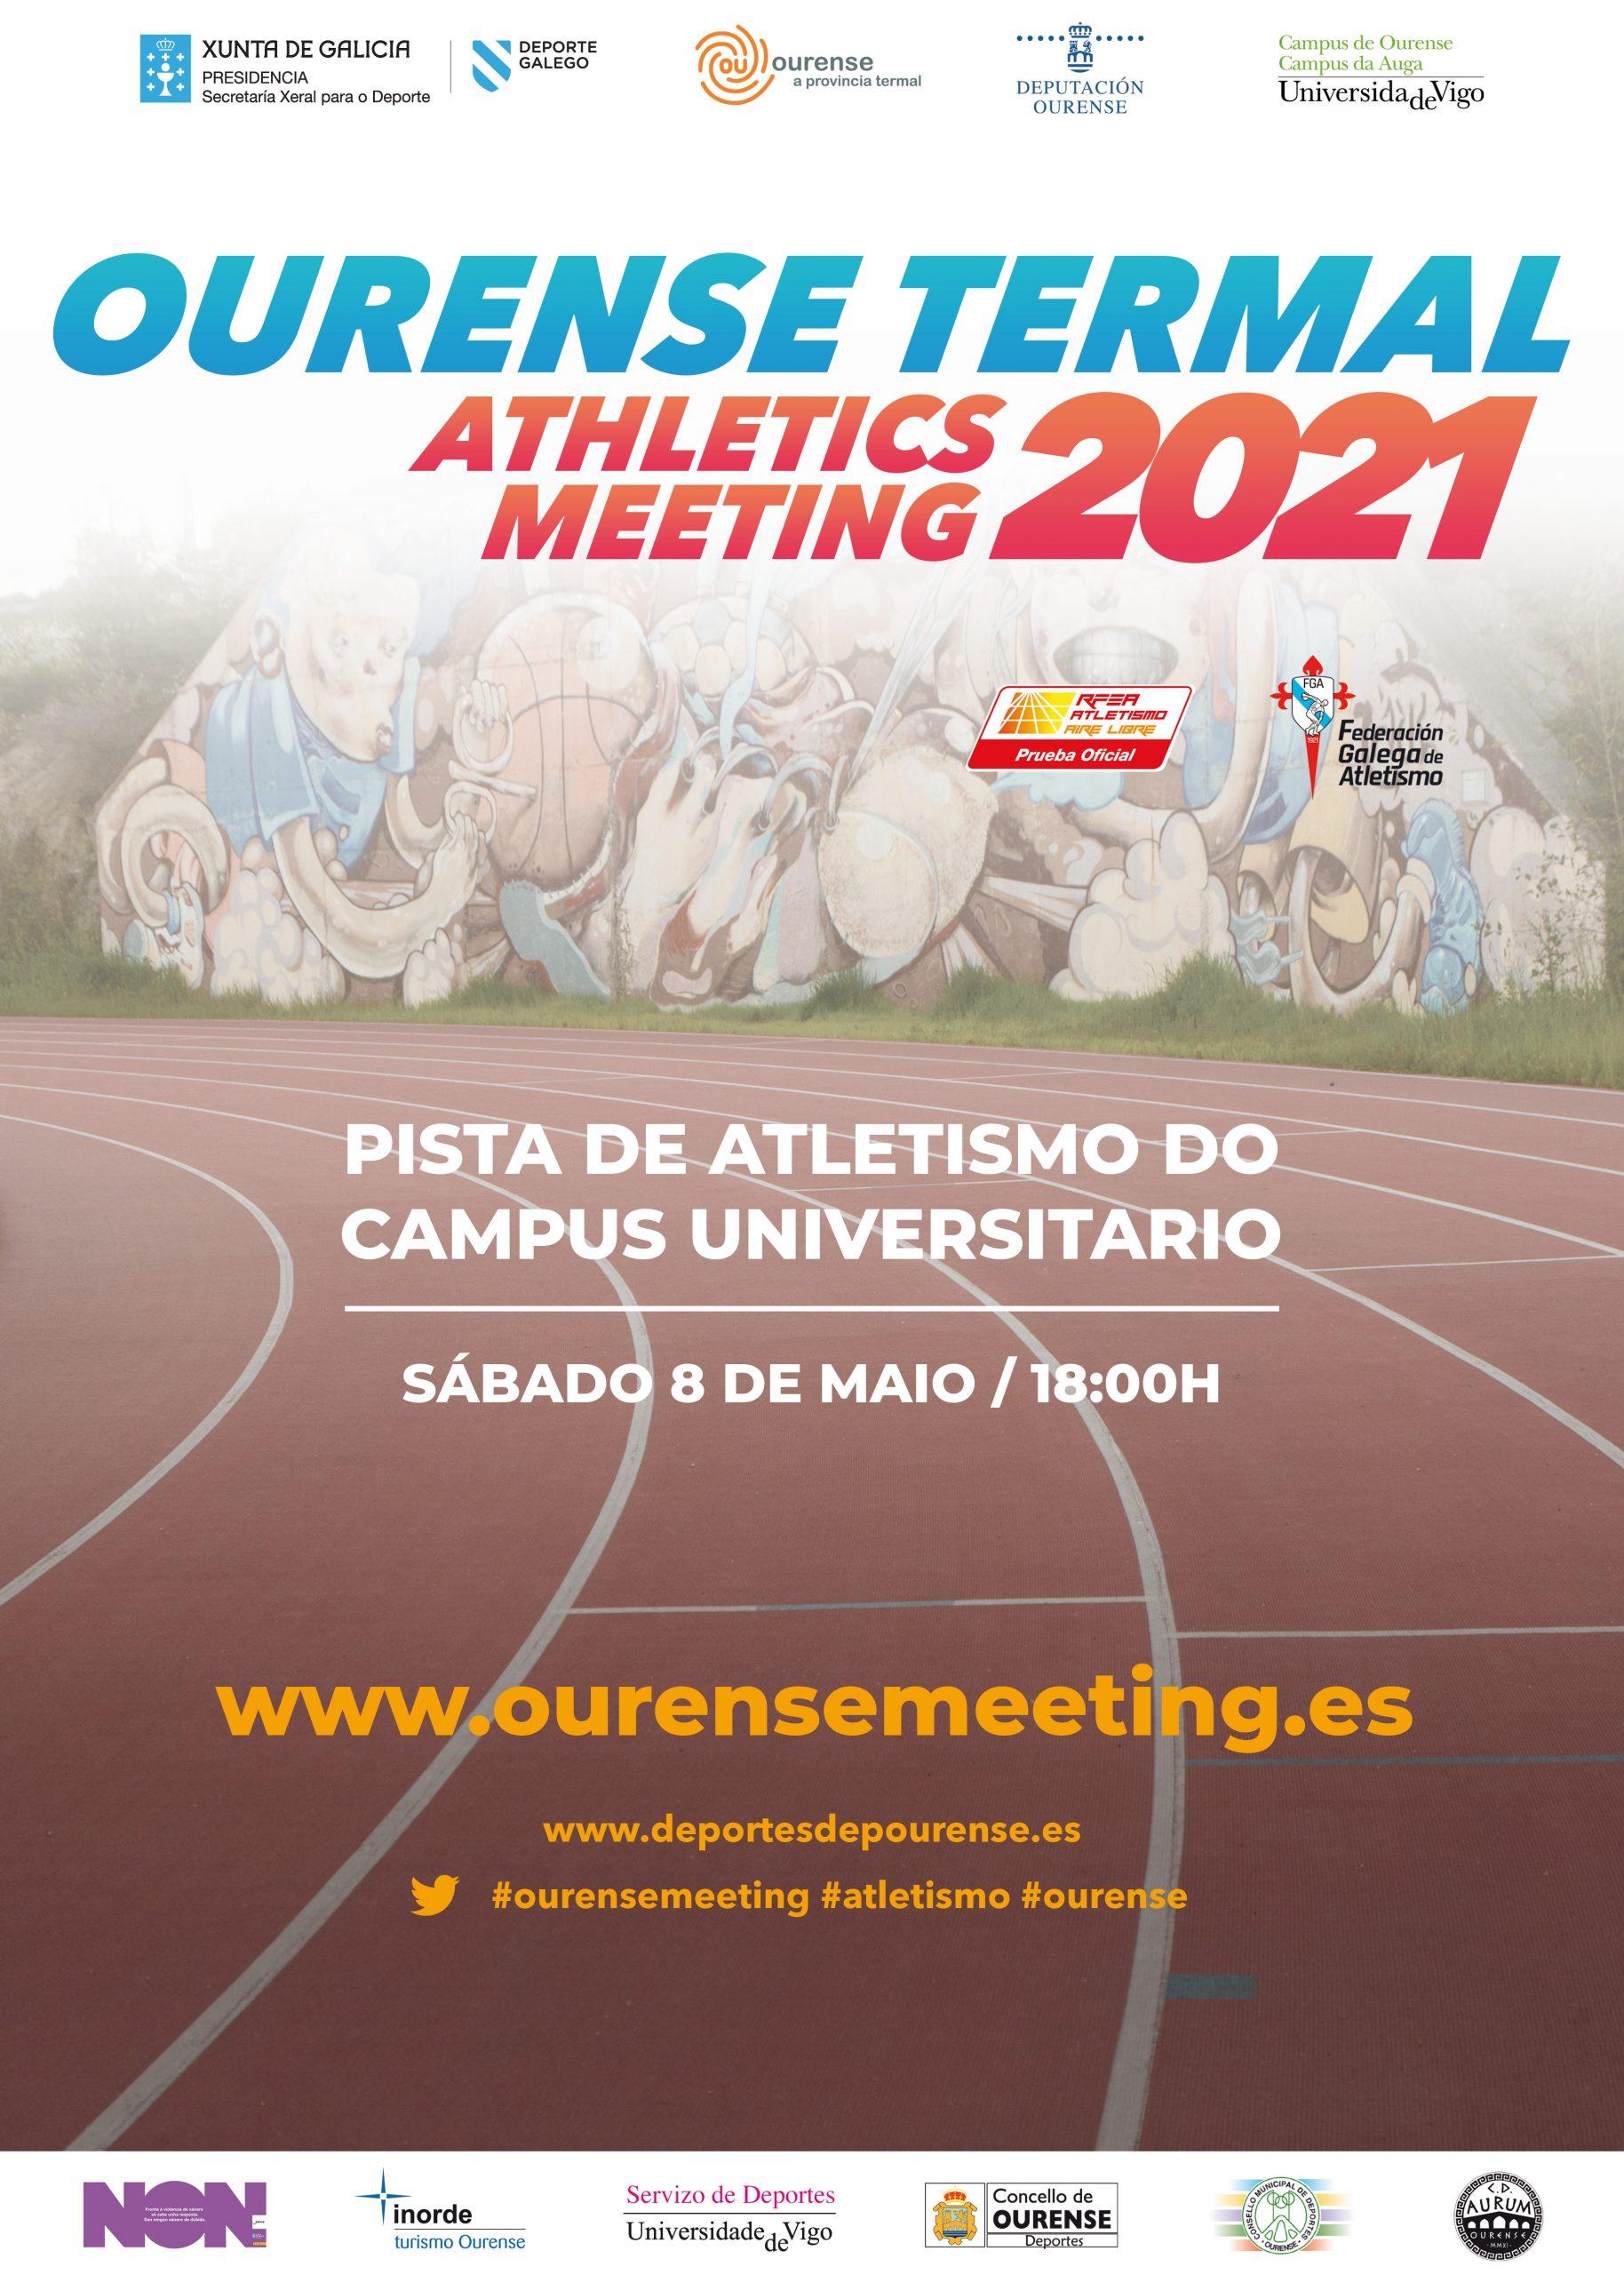 Ourense Termal Athletics Meeting 2021